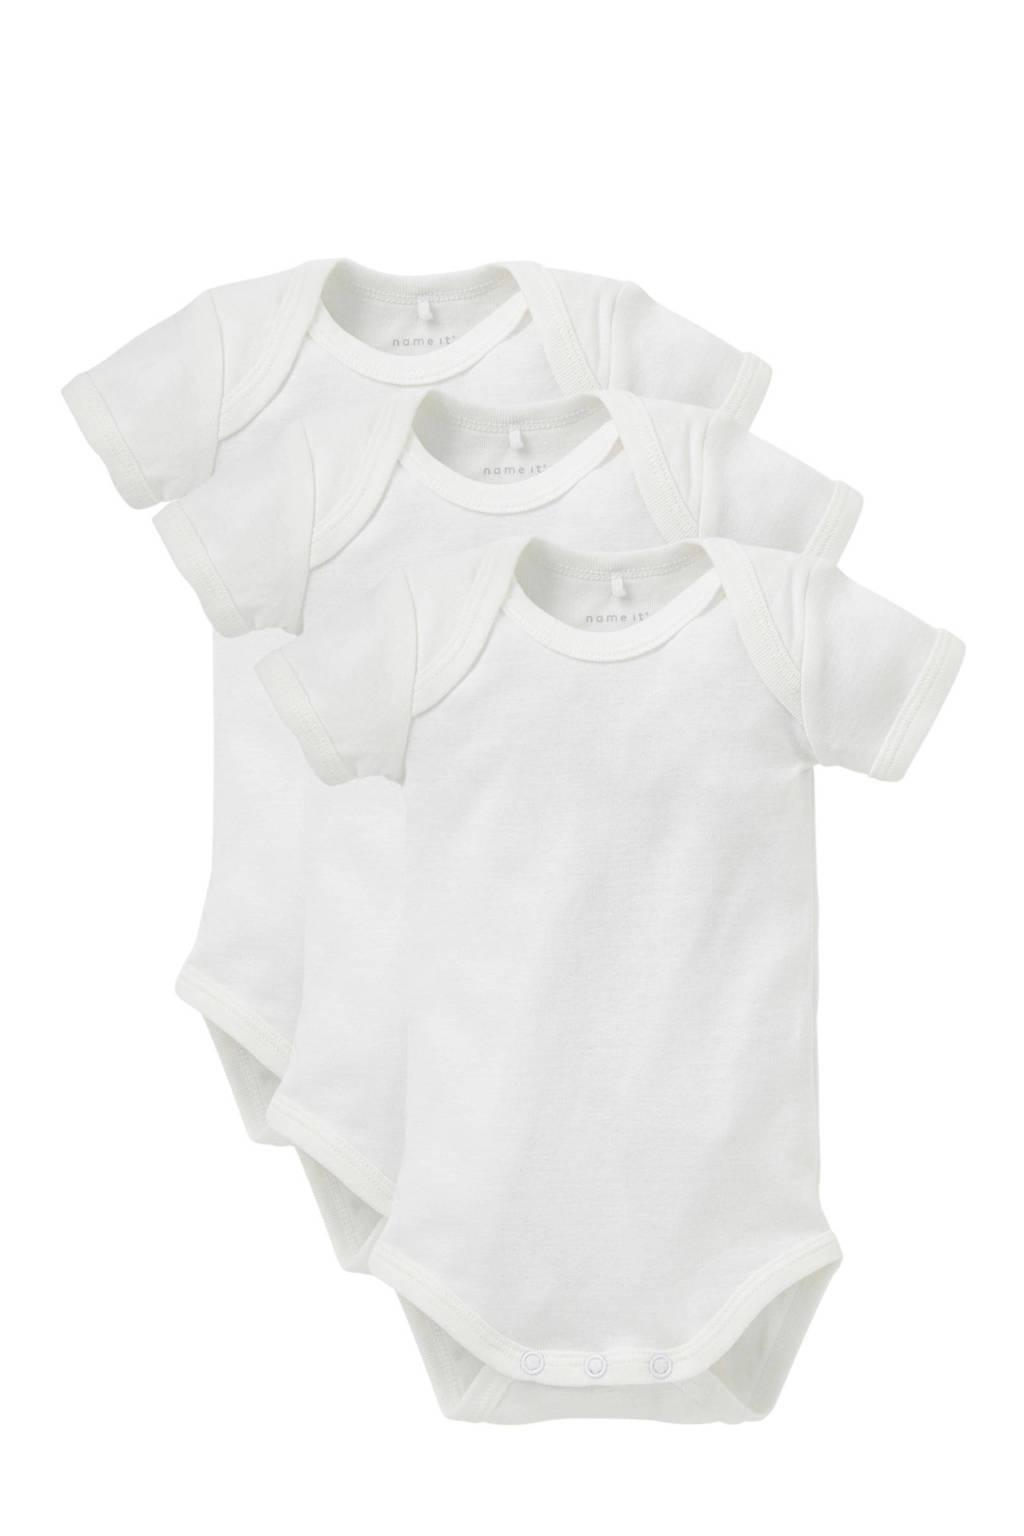 name it BABY newborn baby romper - set van 3, Wit